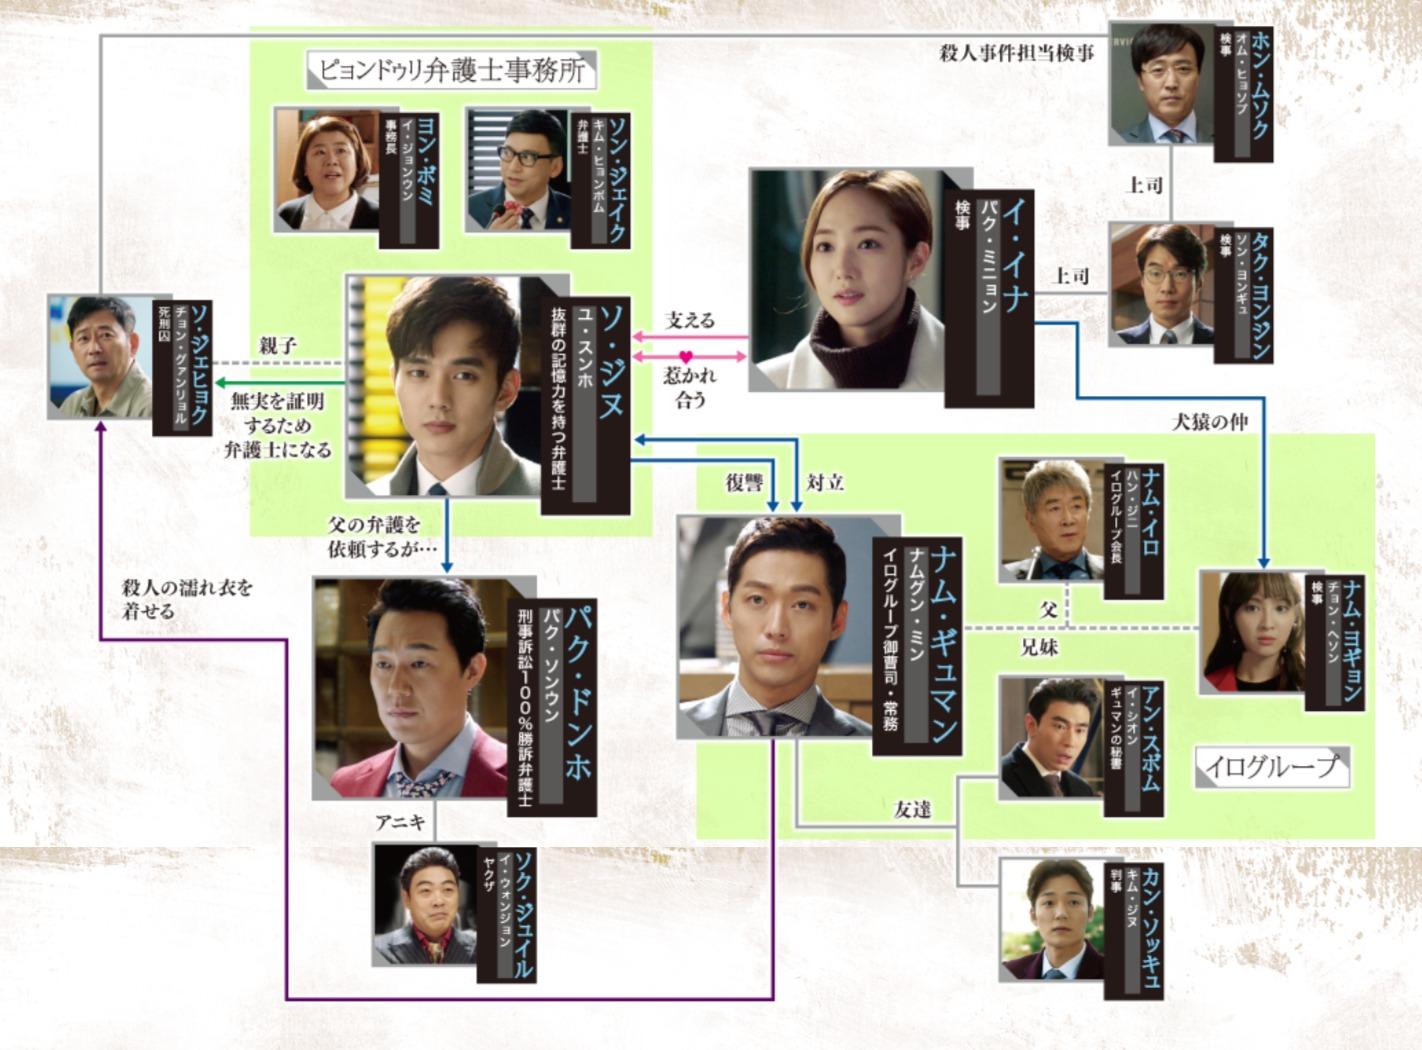 韓国ドラマ『リメンバー~記憶の彼方へ~』登場人物相関図(関係図)